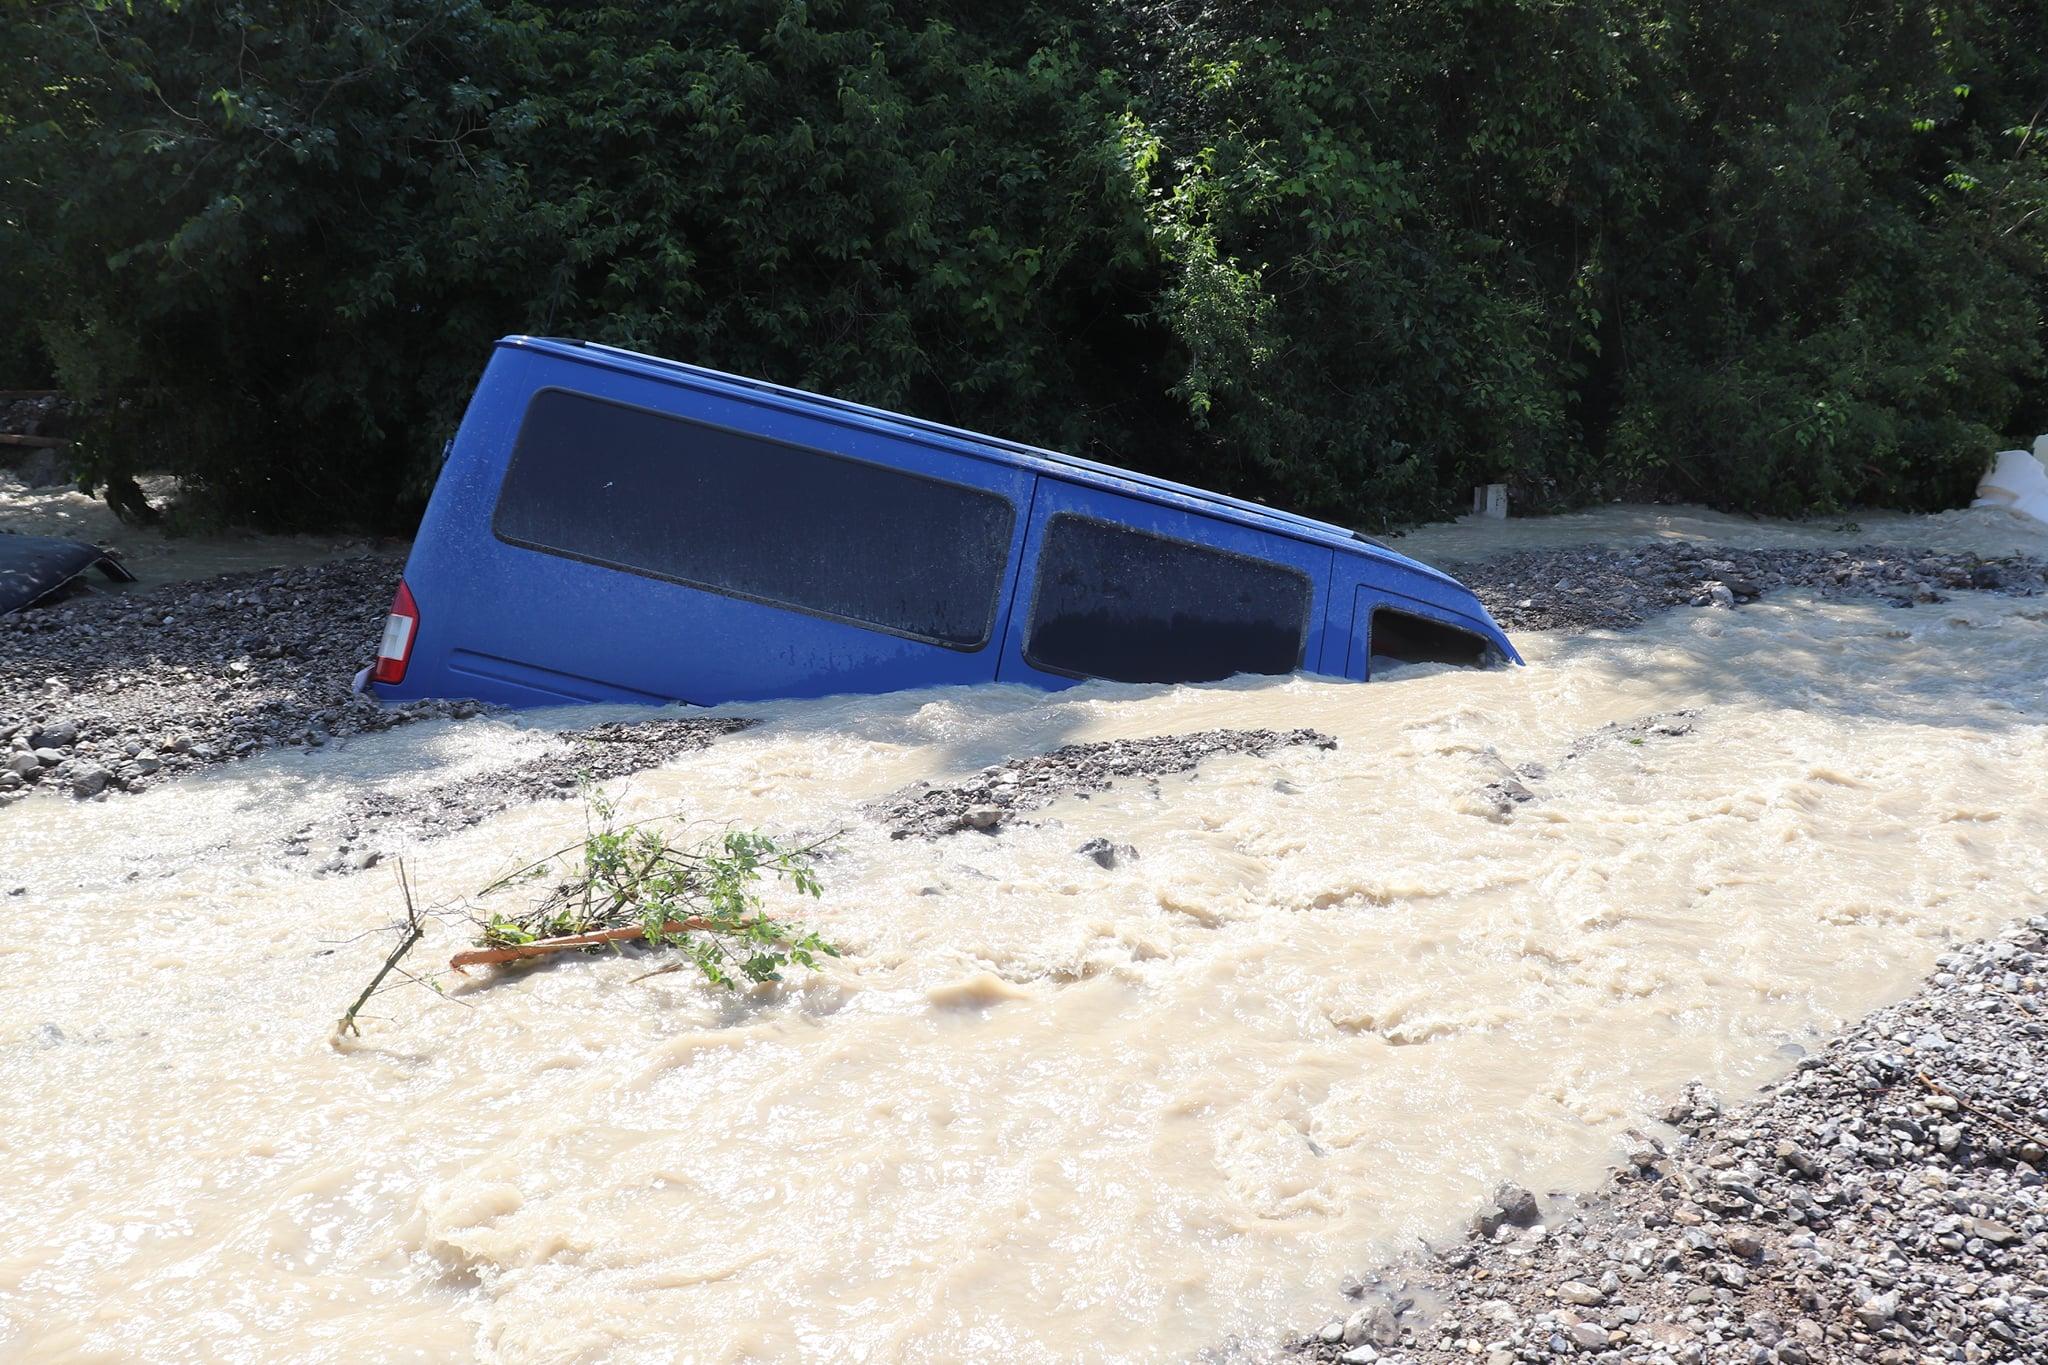 Более 3 млрд рублей необходимы для берегоукрепления рек в Крыму после потопа